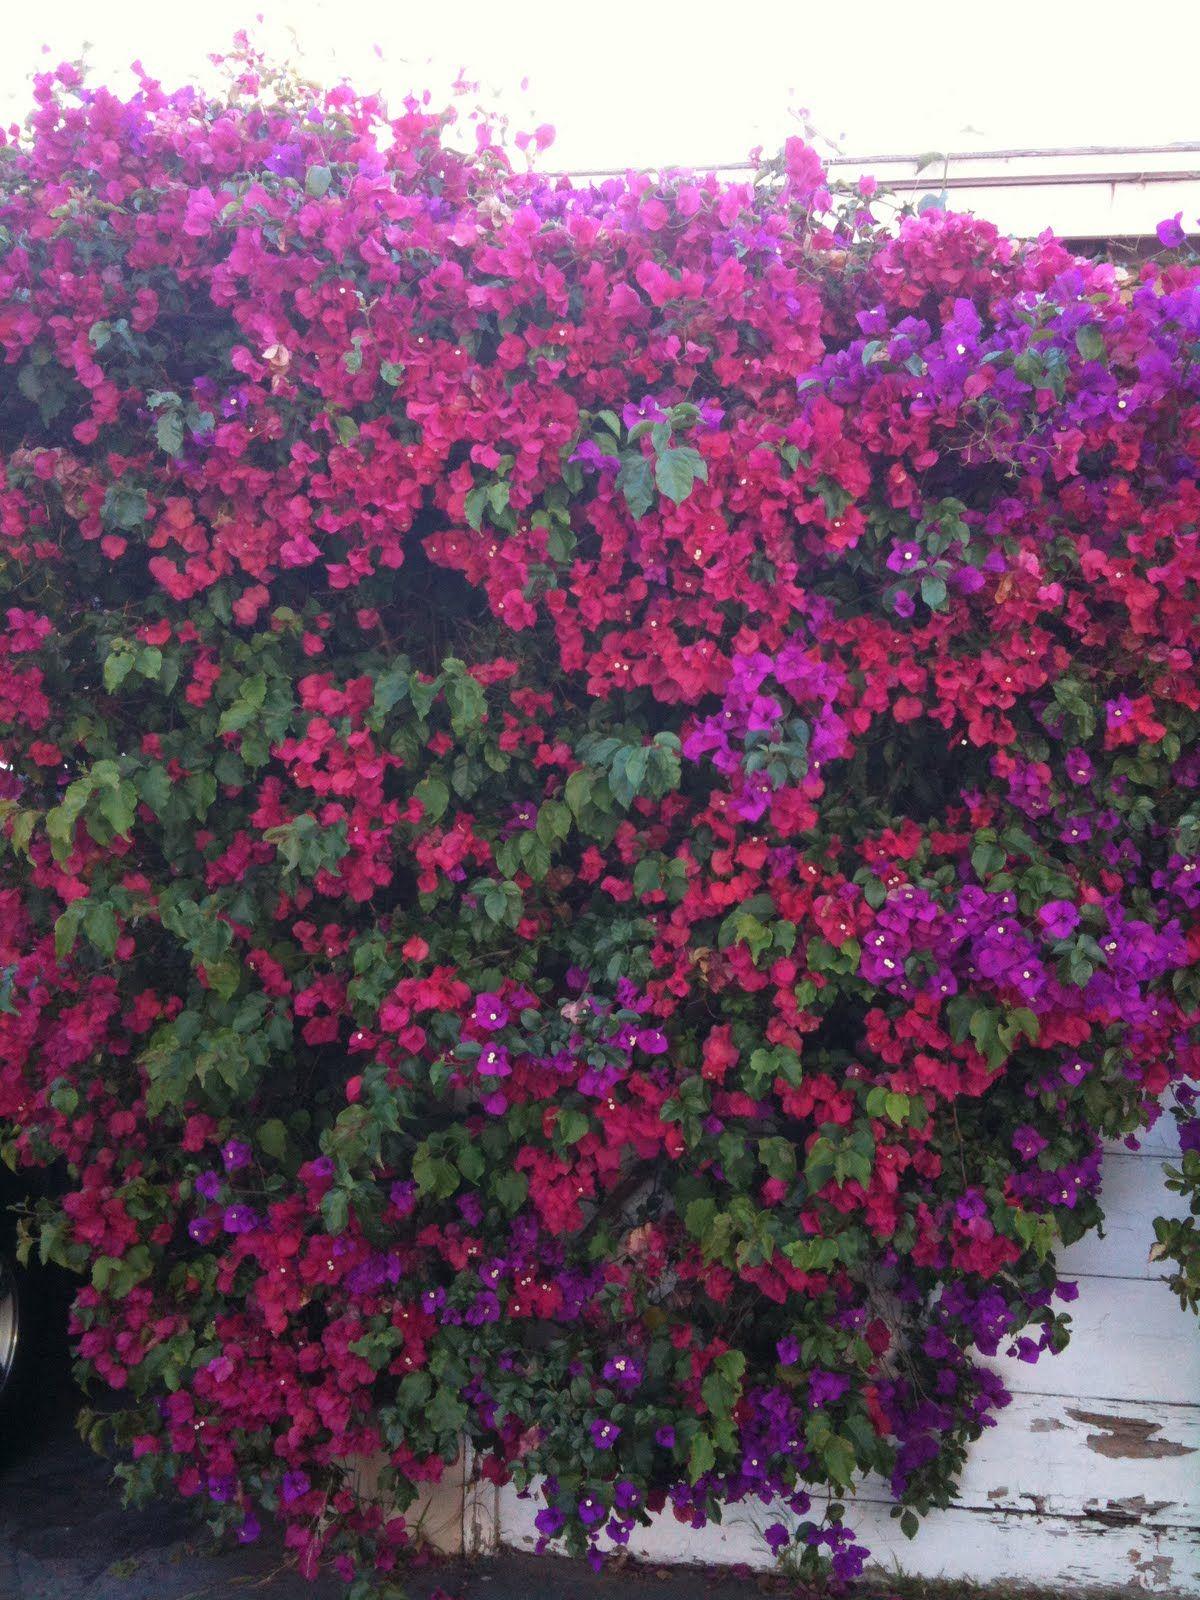 Kind hearts are a garden: Bougainvillea spectabilis and Bougainvillea glabra